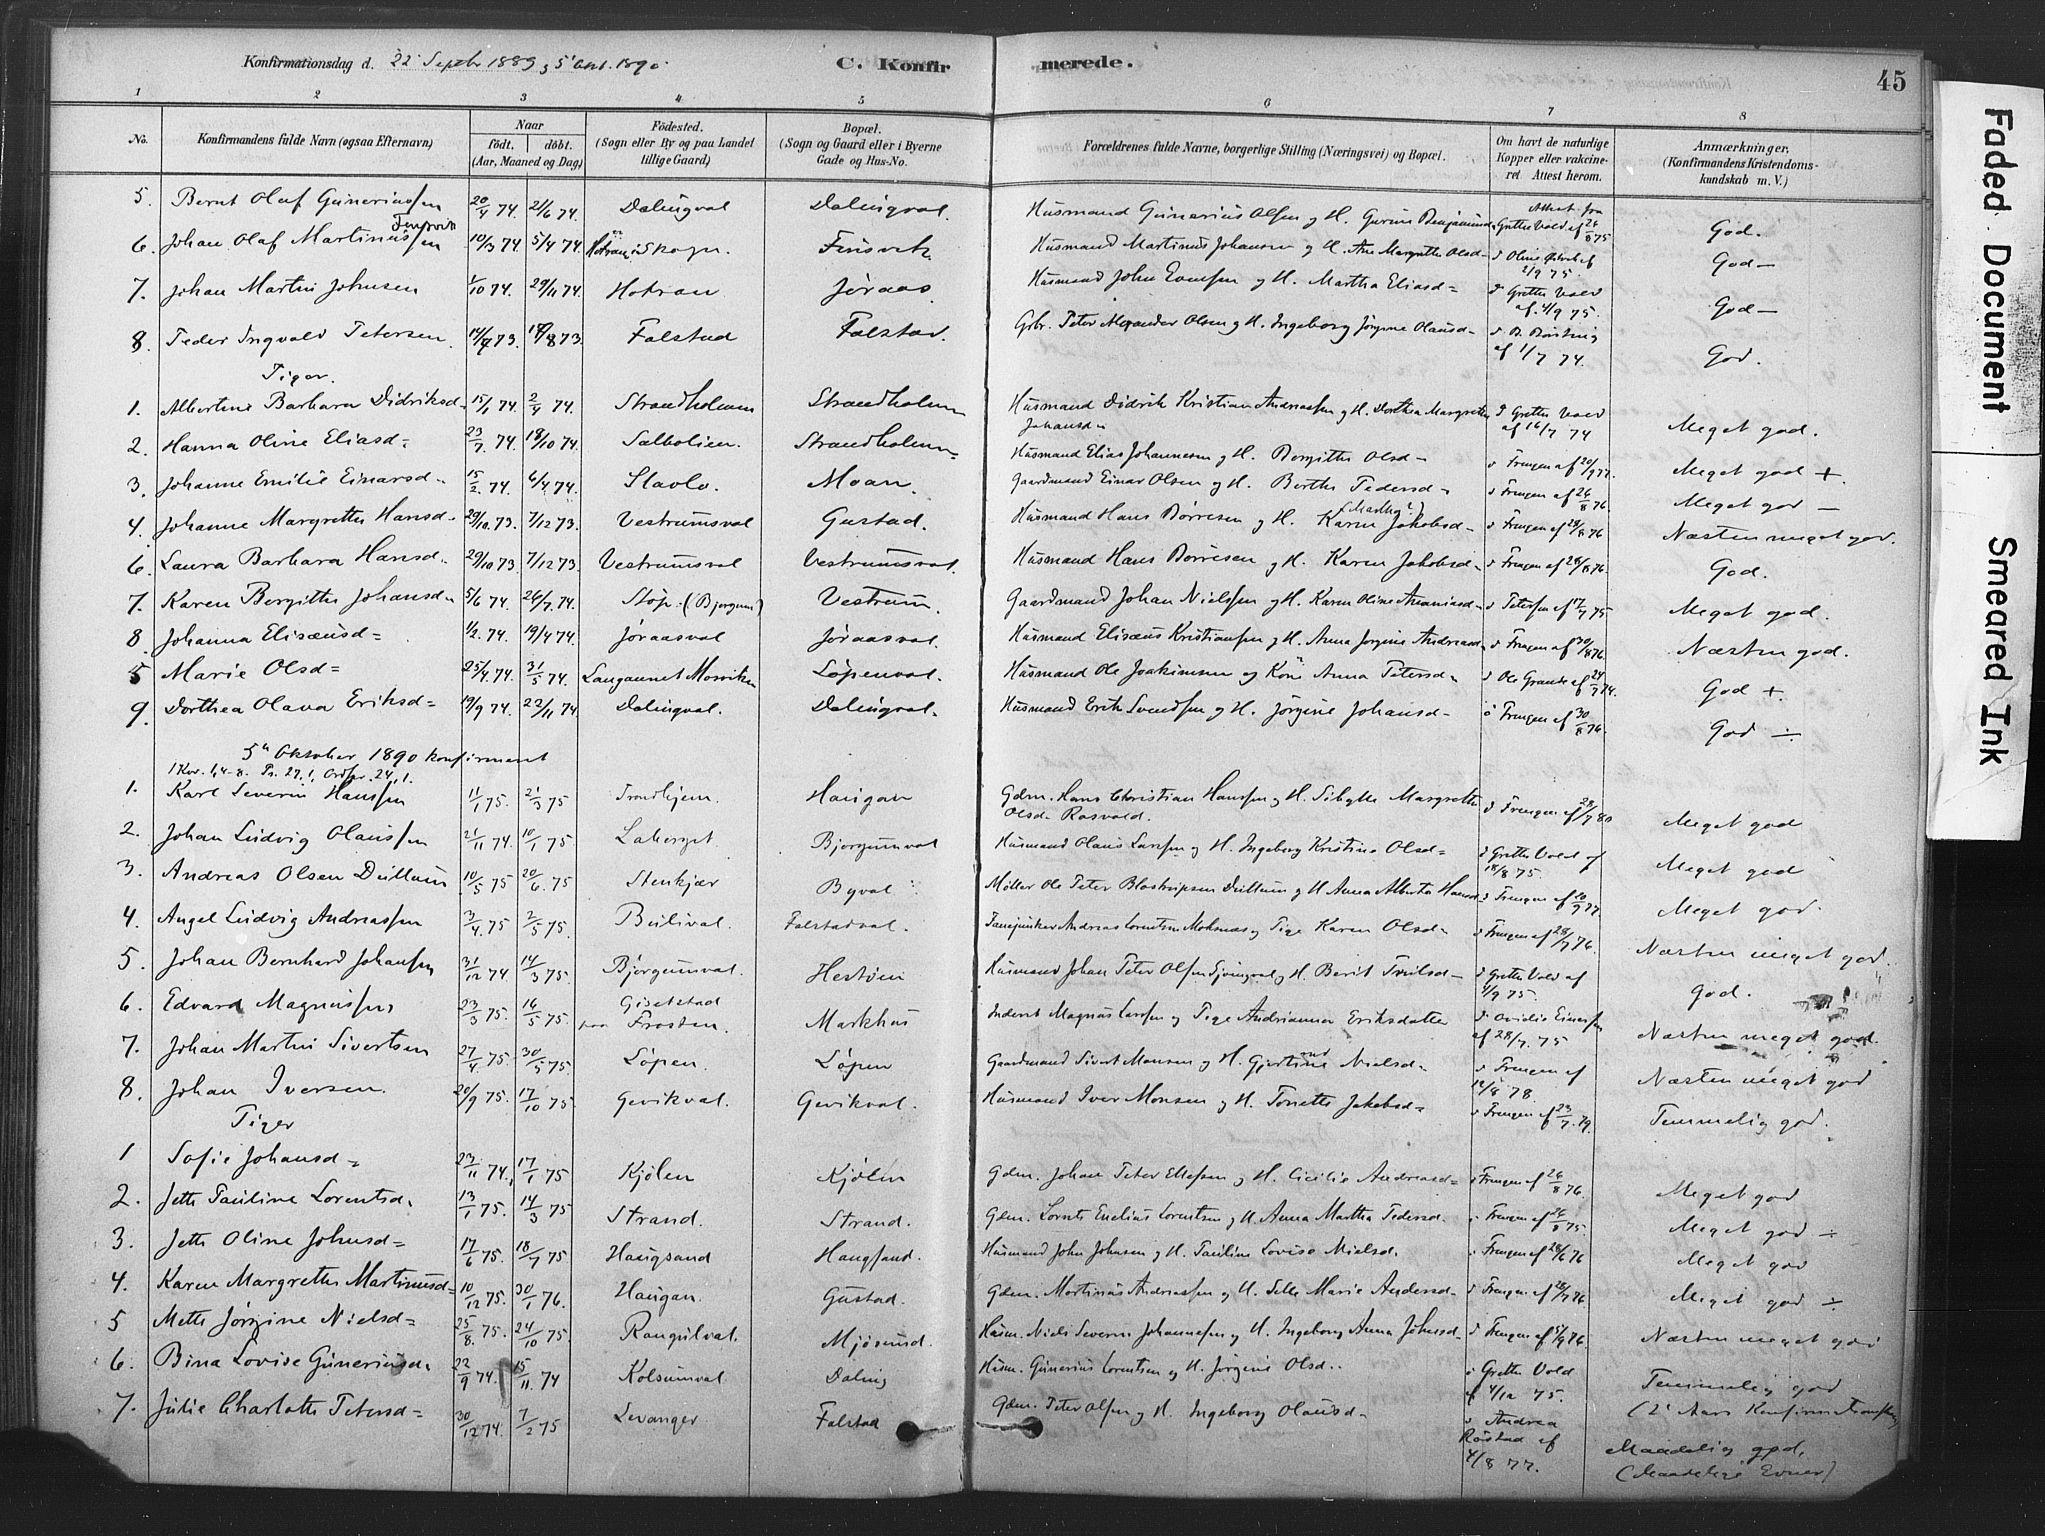 SAT, Ministerialprotokoller, klokkerbøker og fødselsregistre - Nord-Trøndelag, 719/L0178: Ministerialbok nr. 719A01, 1878-1900, s. 45